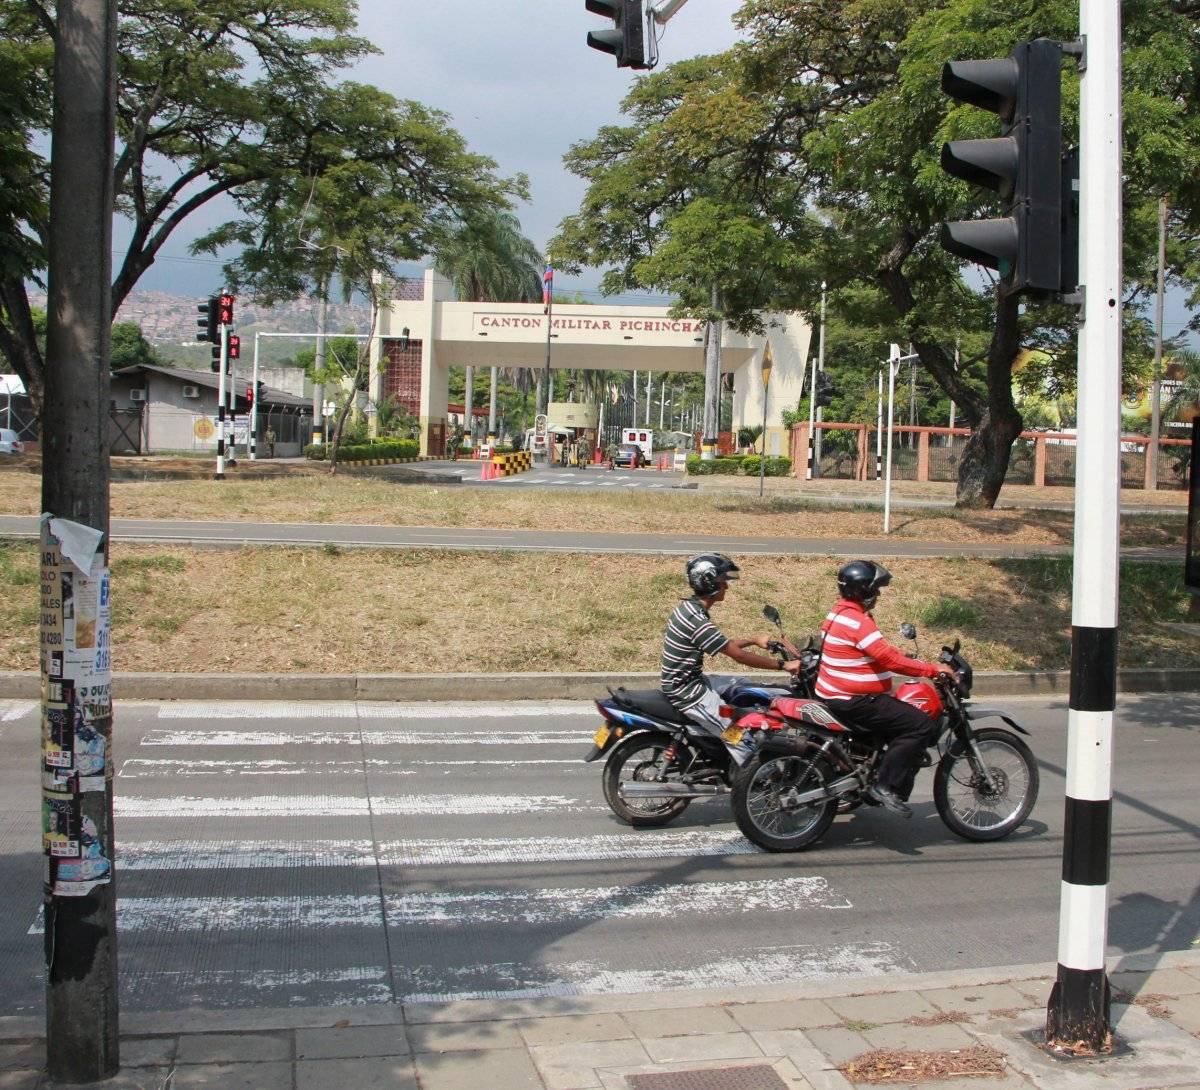 ¿A qué lugar conduce esta cebra, a un separador? Estos trayectos marcados deberían llevar a un sendero para que los peatones continúen el camino sin que se interrumpa con desniveles. Foto: Hroy Chávez